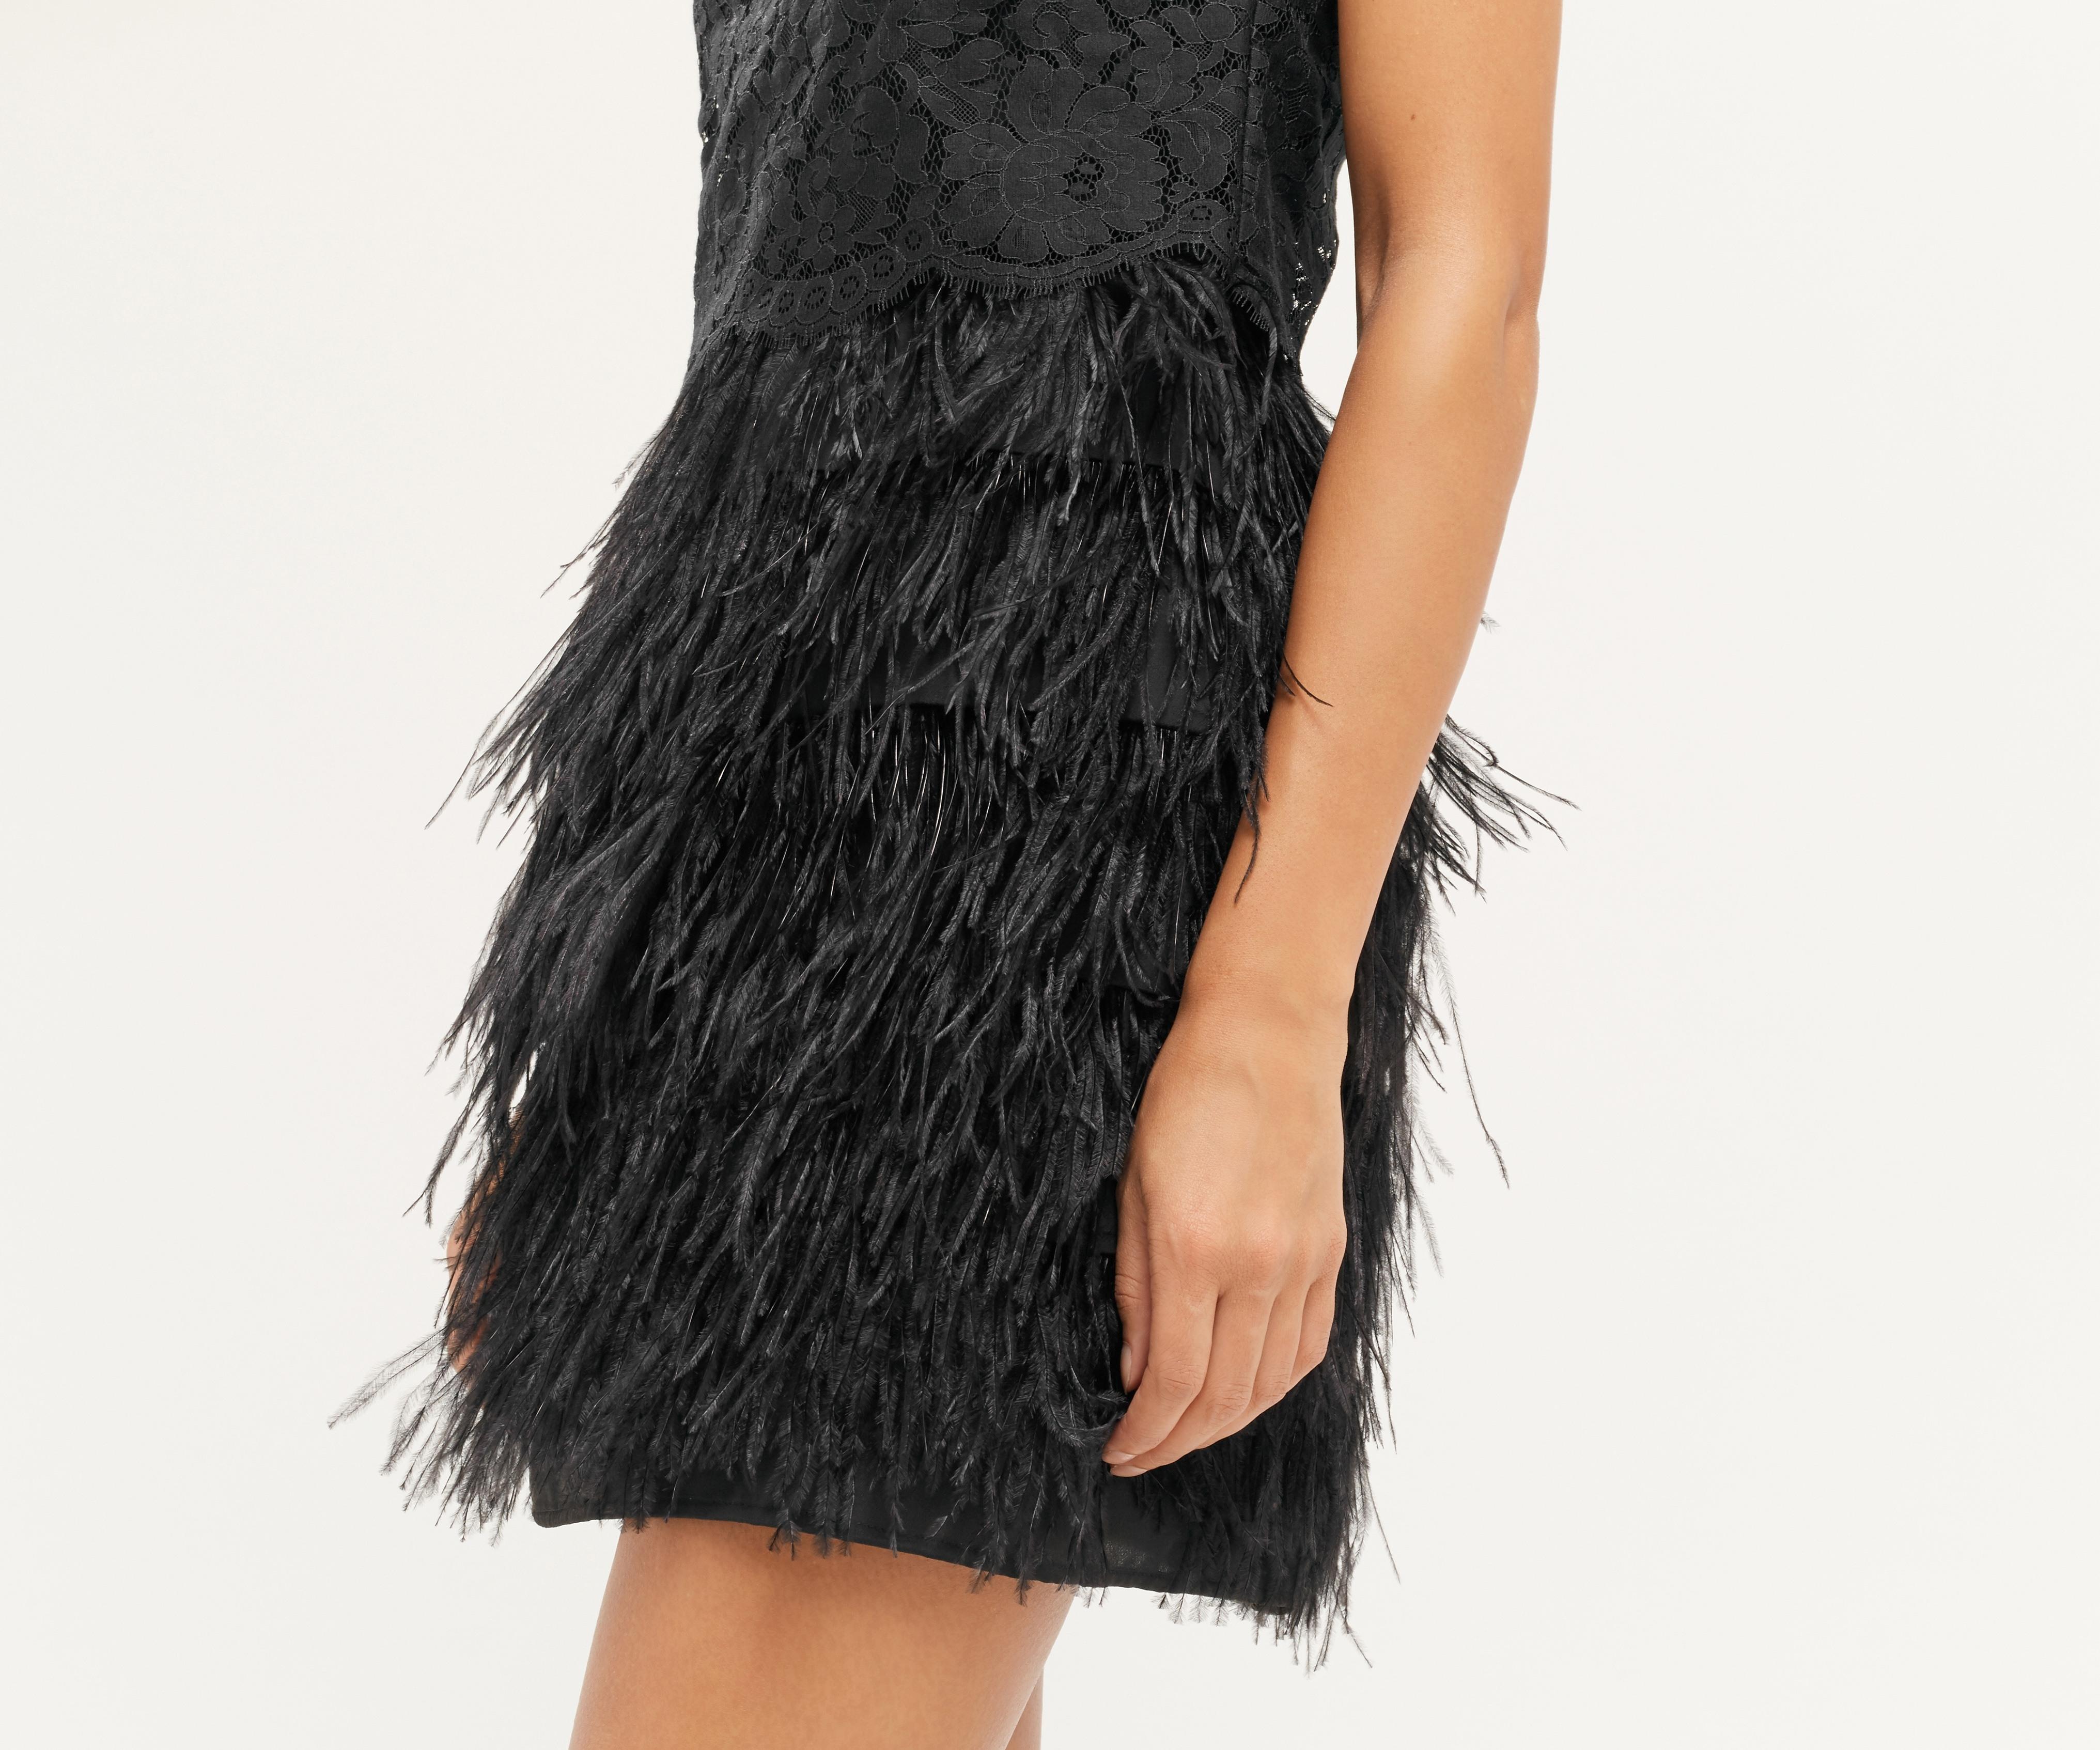 Fantastisch Kleid Mit Federn Boutique - Abendkleid